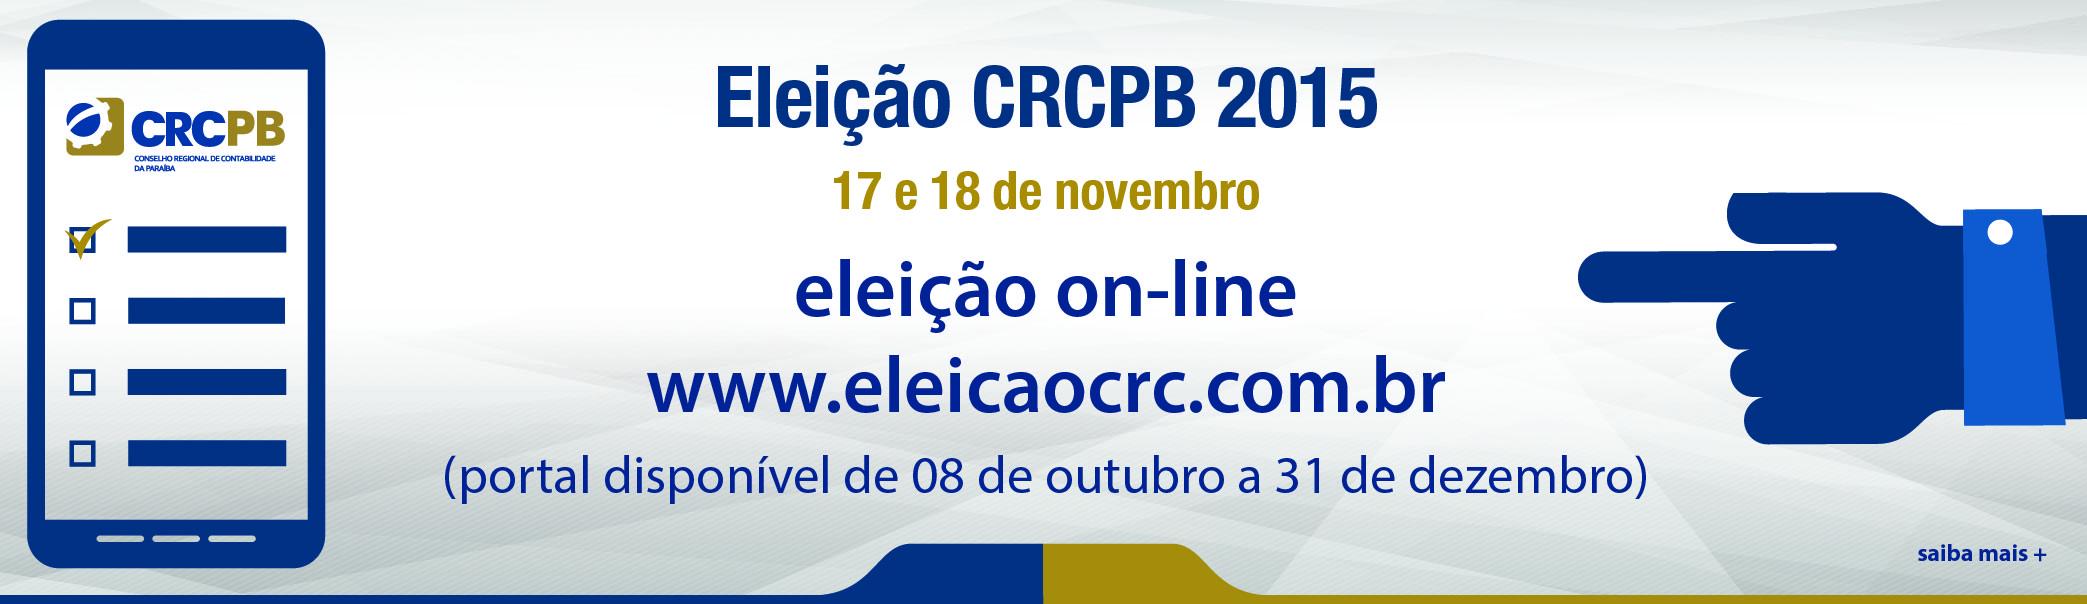 peça02_banner_eleiçao_CRCPB